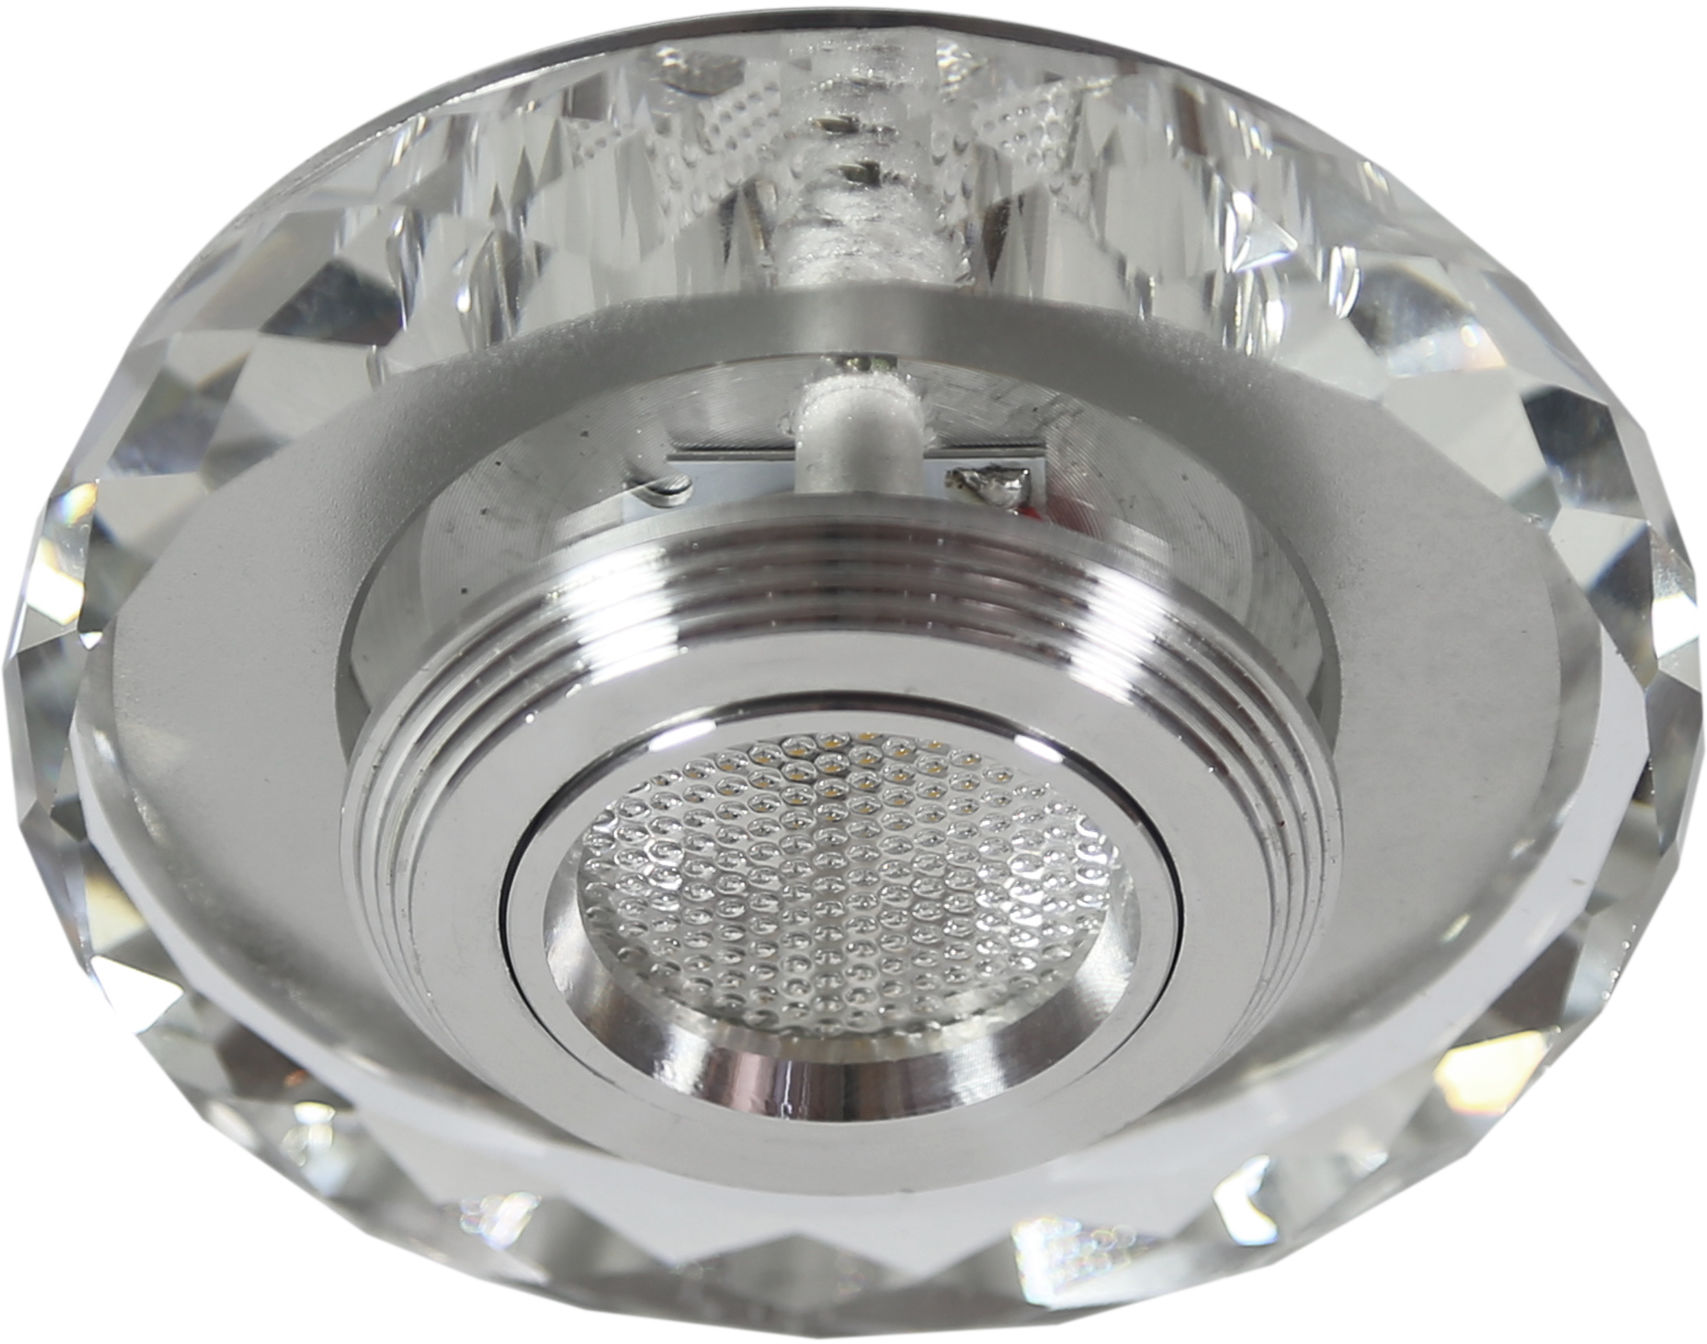 Candellux SS-35 AL/TR oprawa do wbudowania stropowa okrągła 3W LED COB 230V 10cm